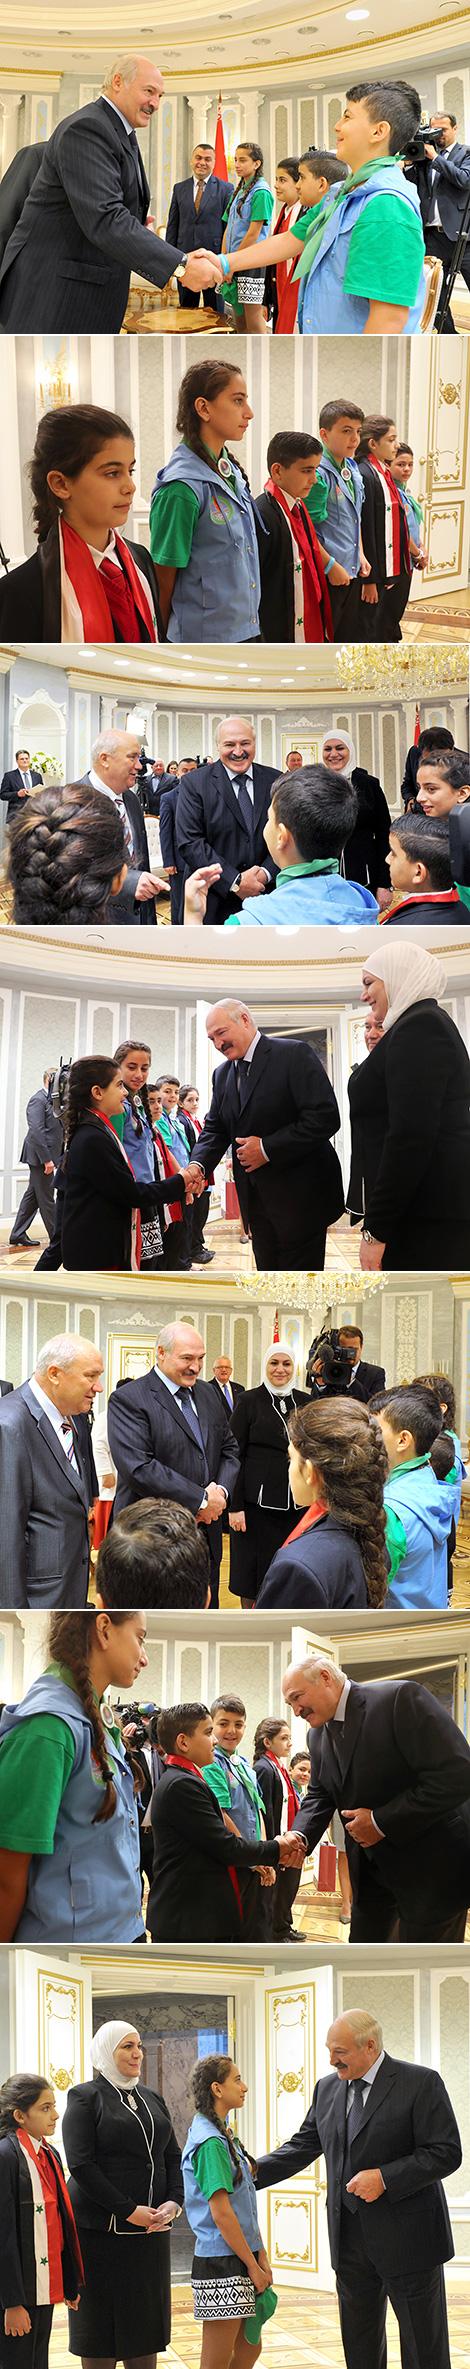 Лукашэнка прапанаваў распрацаваць праграму аздараўлення і вучобы дзяцей з Сірыі ў Беларусі